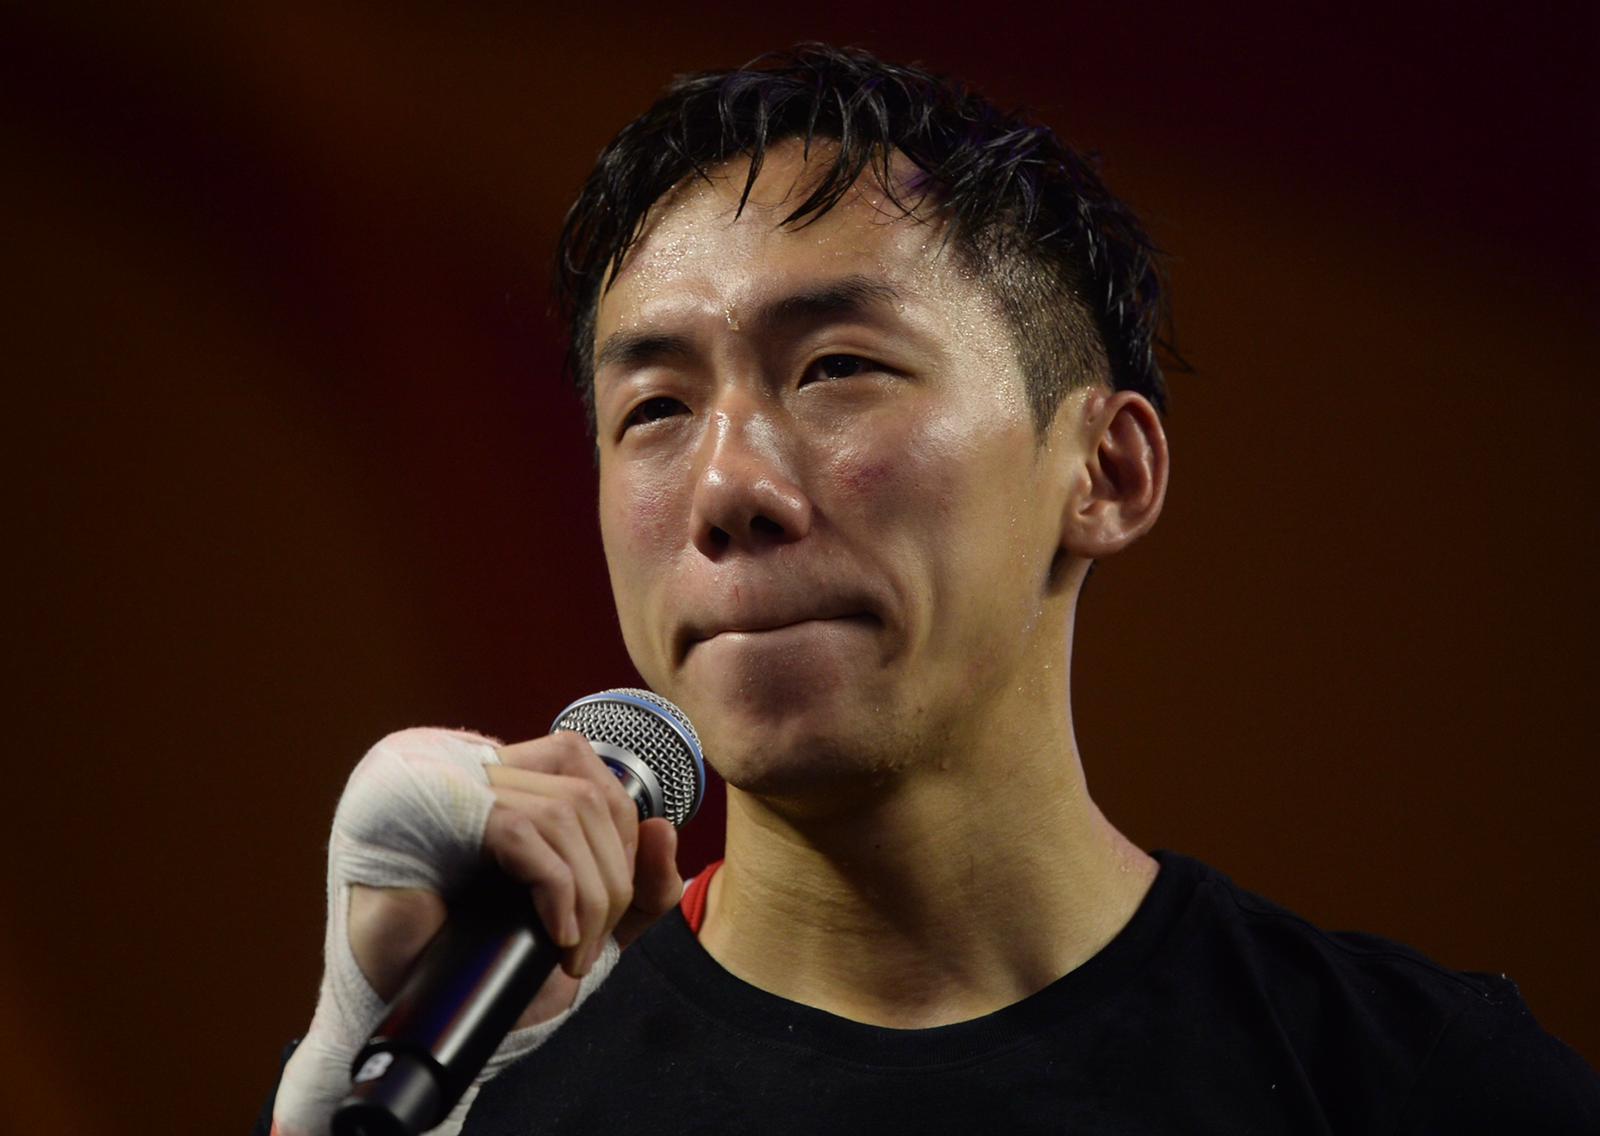 曹星如賽後宣布,將重返業餘拳壇,努力爭取2020東京奧運資格。蘇正謙攝